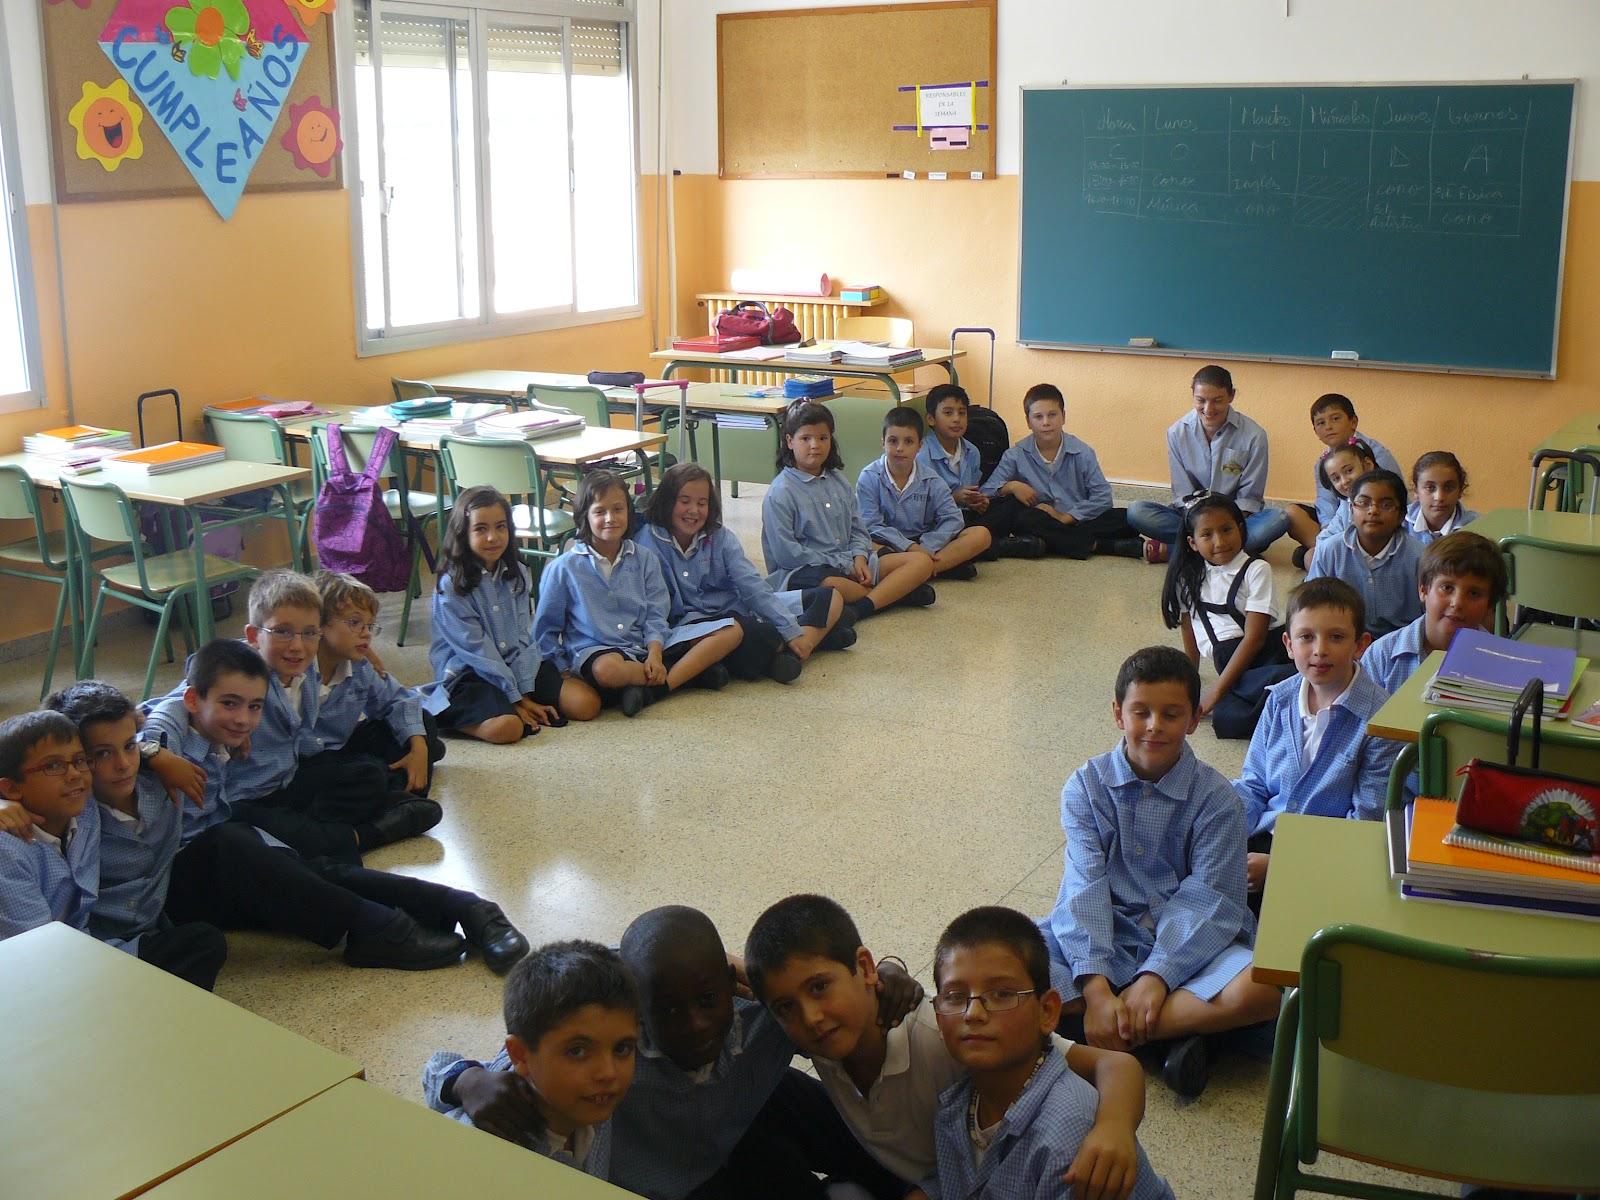 Colegio amor de dios burlada primer d a oficial de clase - Colegio amor de dios oviedo ...